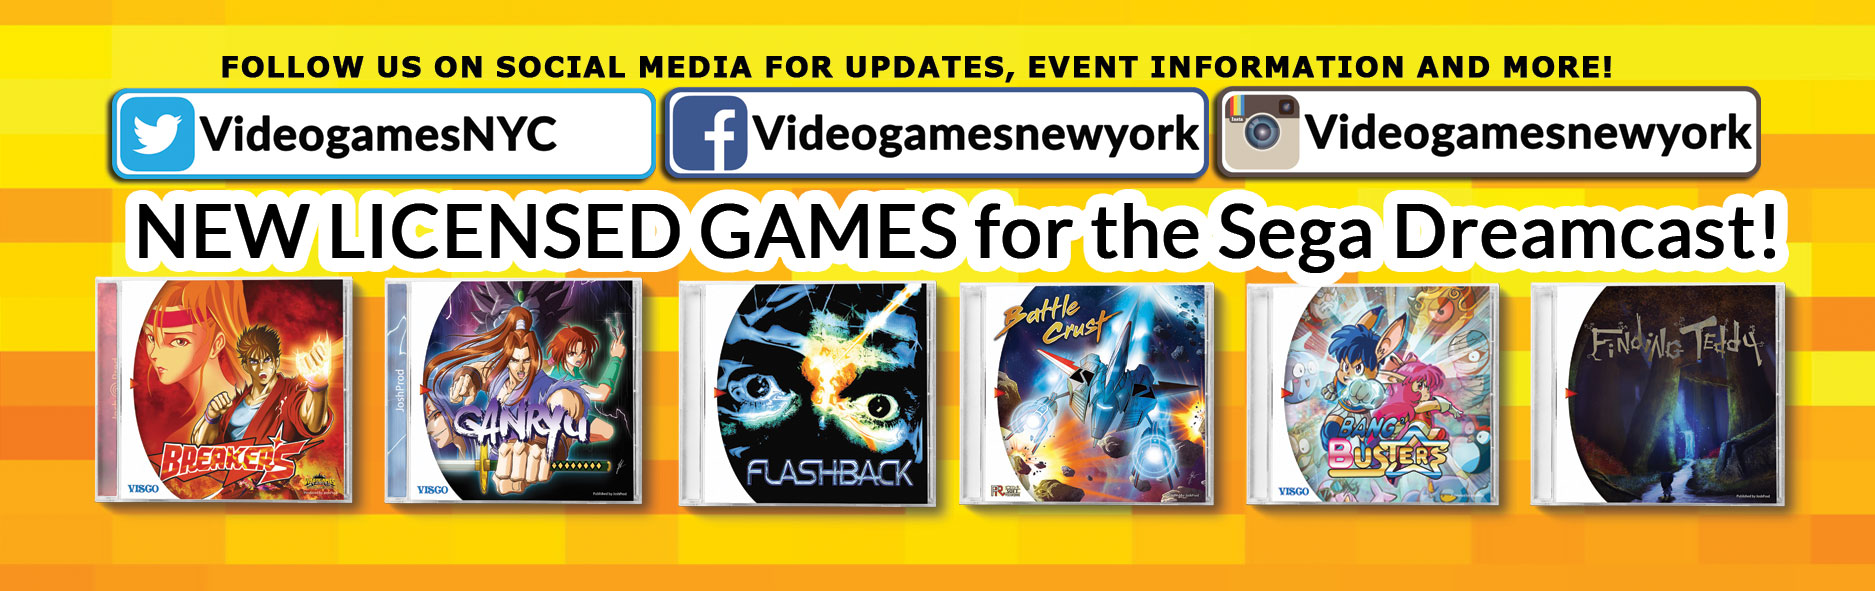 Les jeux Joshprod 2018, les différentes news - Page 9 Dreamcast-banner-top